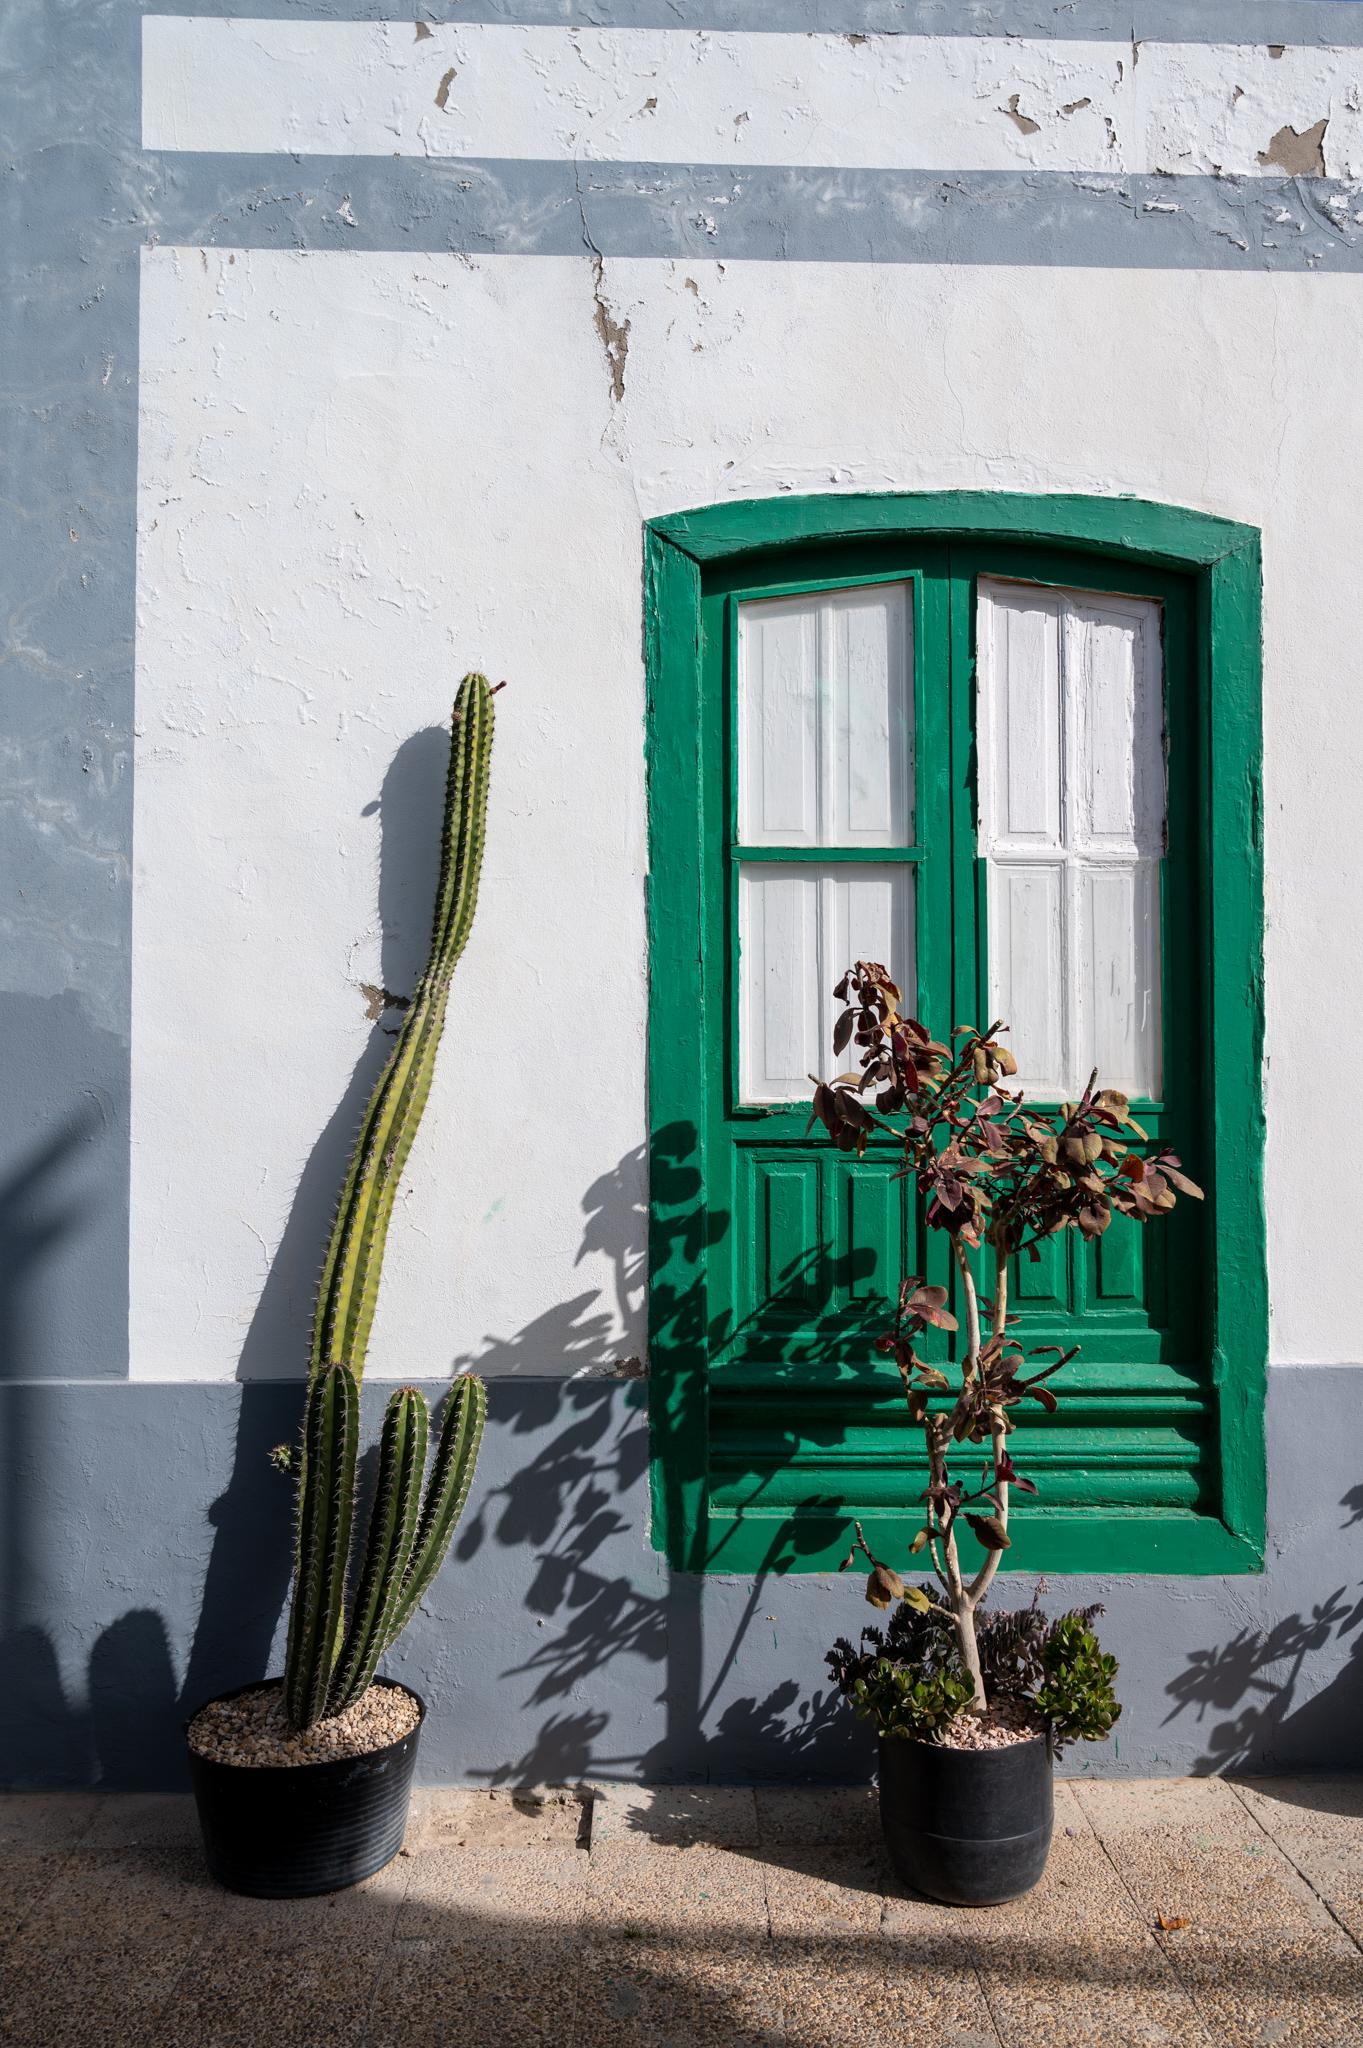 Architektur in Arrecife auf Lanzarote